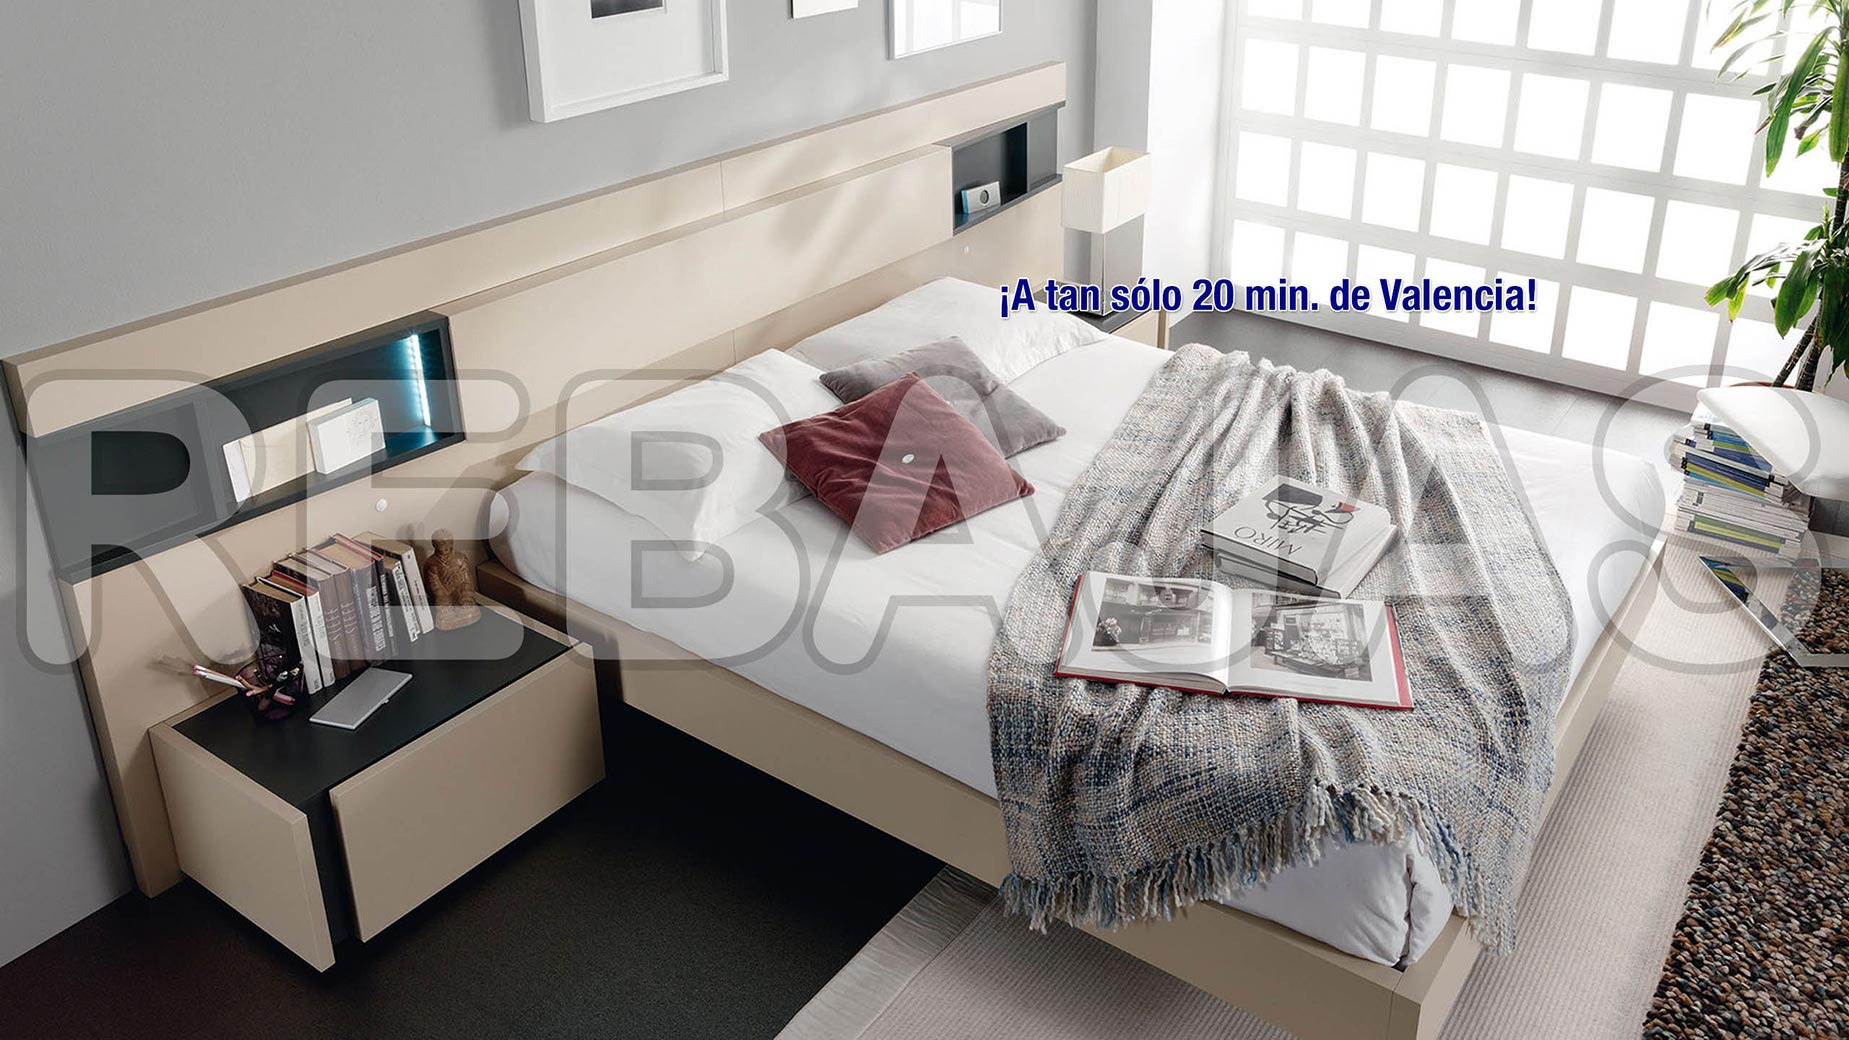 Europa 20 Tiendas De Muebles De La Frontera Spain With Europa 20  # Muebles Juan Parrabera